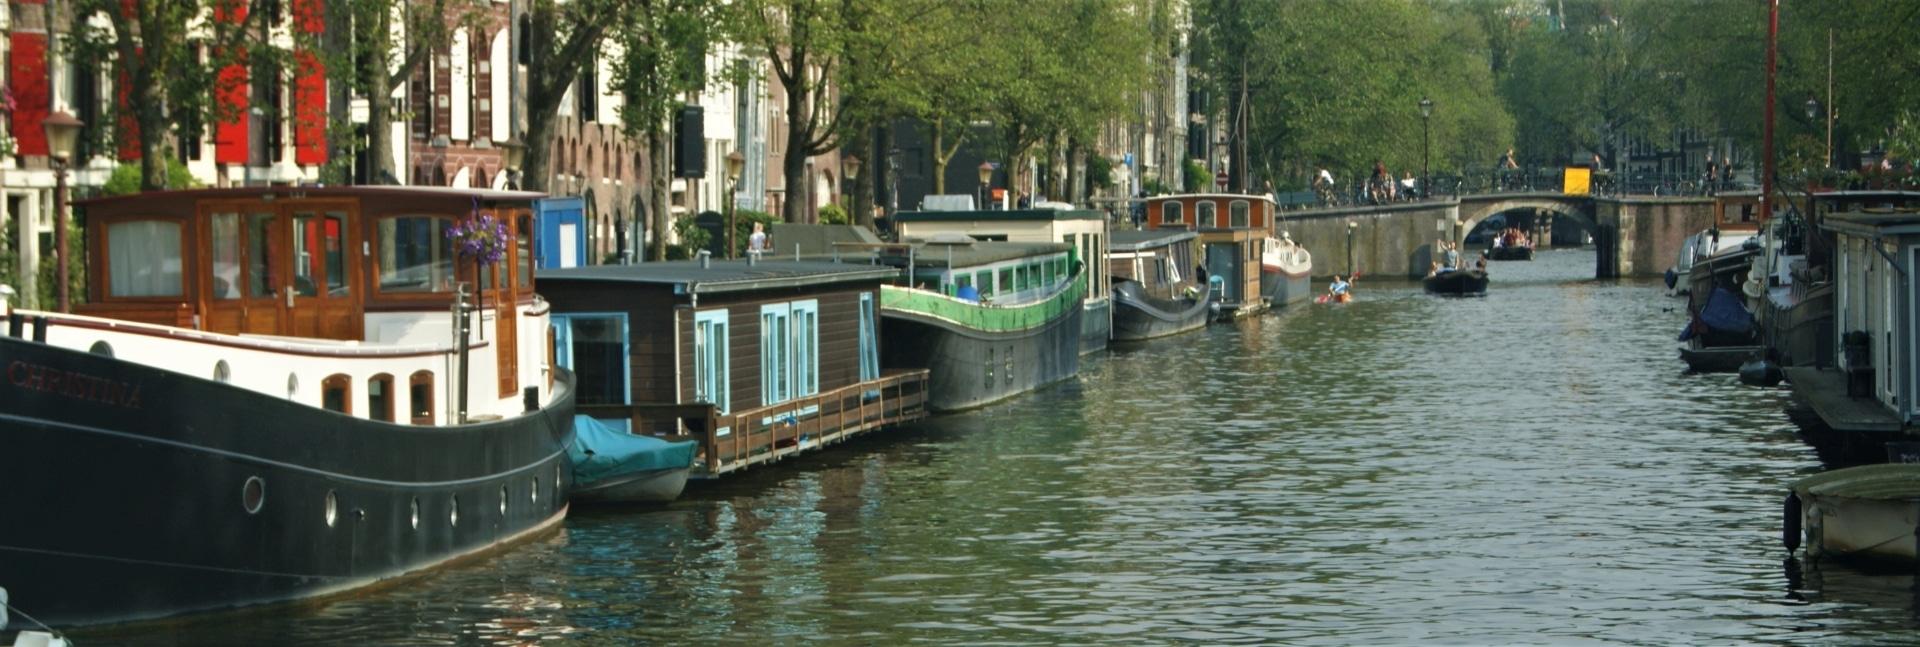 Woonboot Amsterdam huren